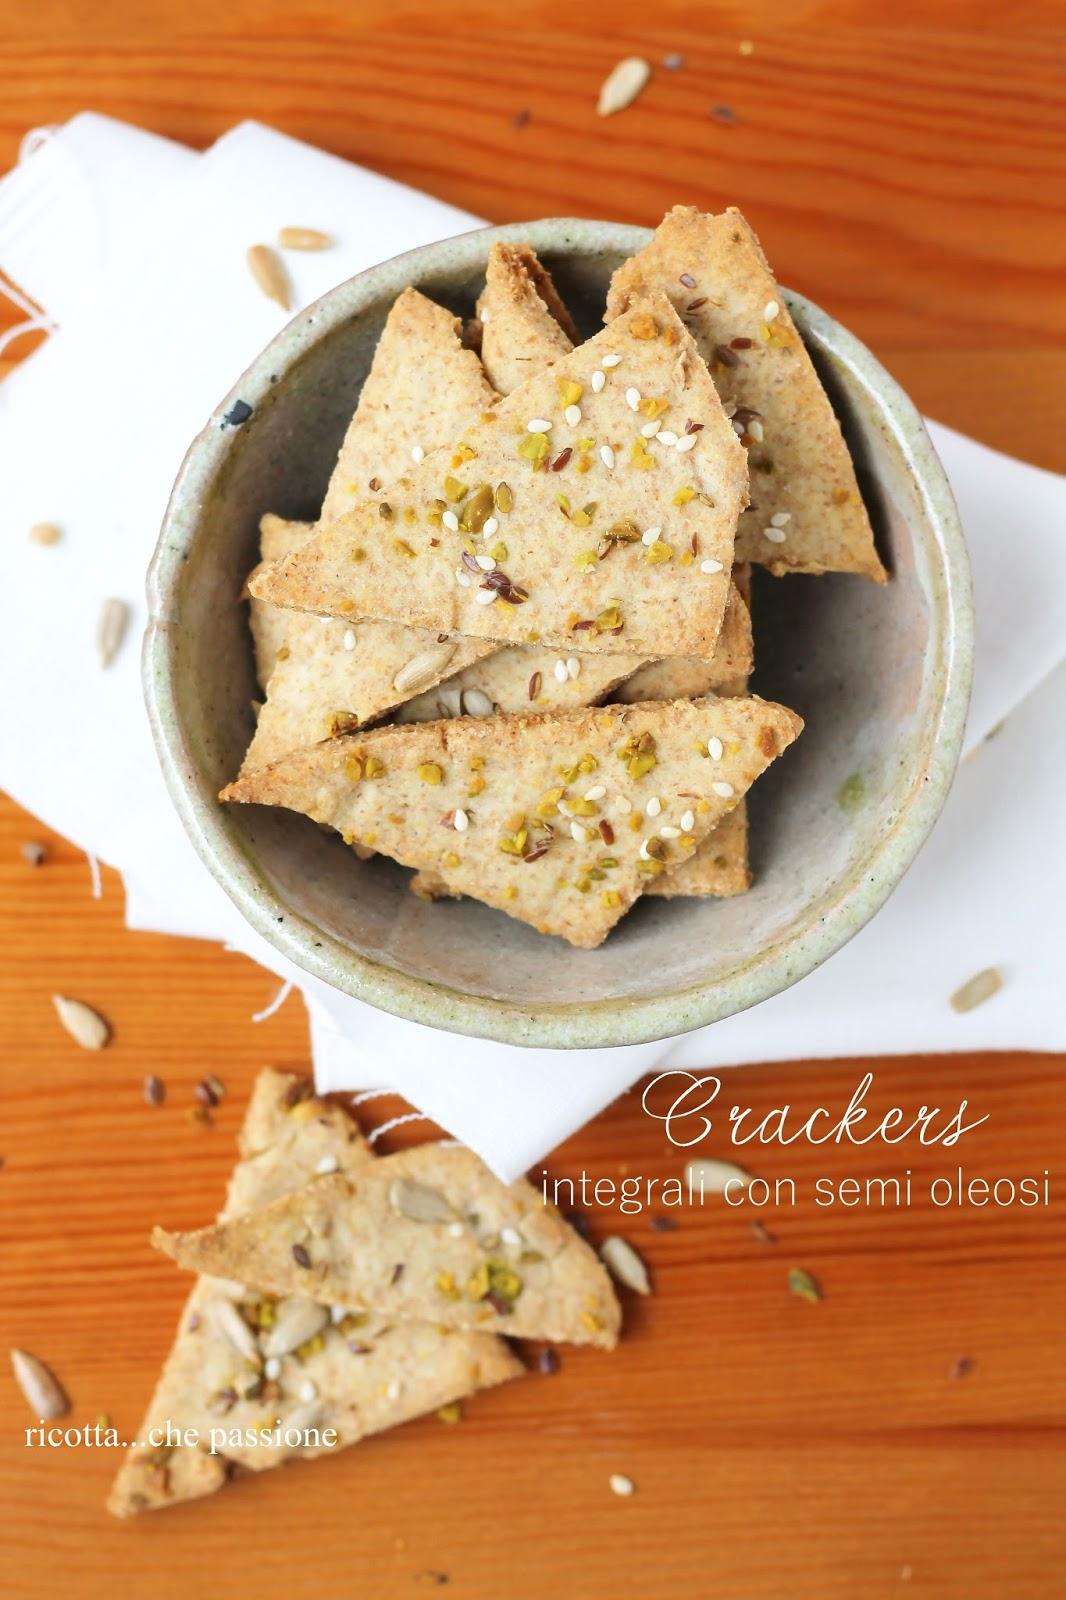 crackers integrali con semi oleosi